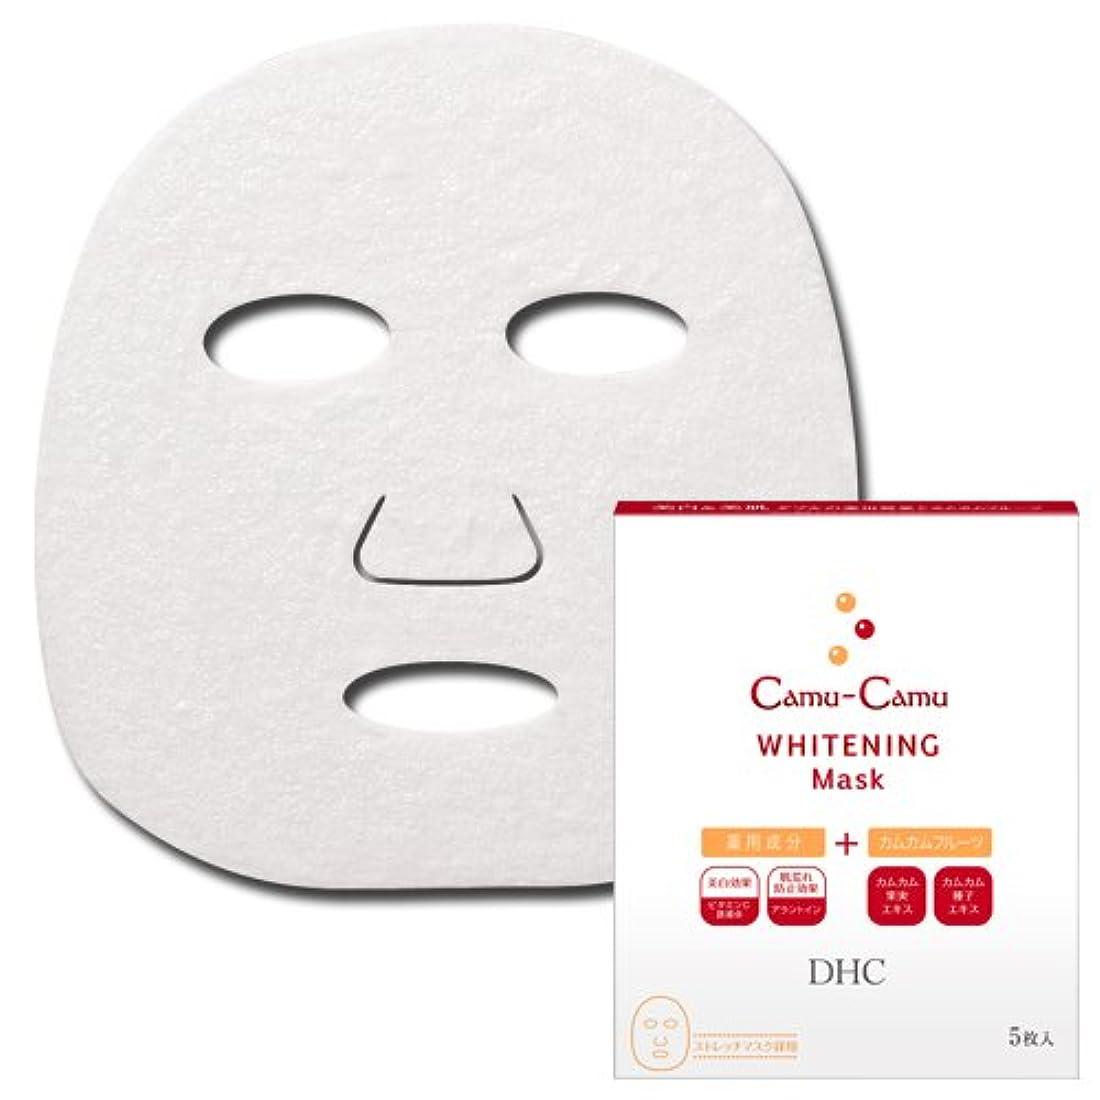 サイトライン有料み【医薬部外品】DHC薬用カムCホワイトニングマスク[5枚入]